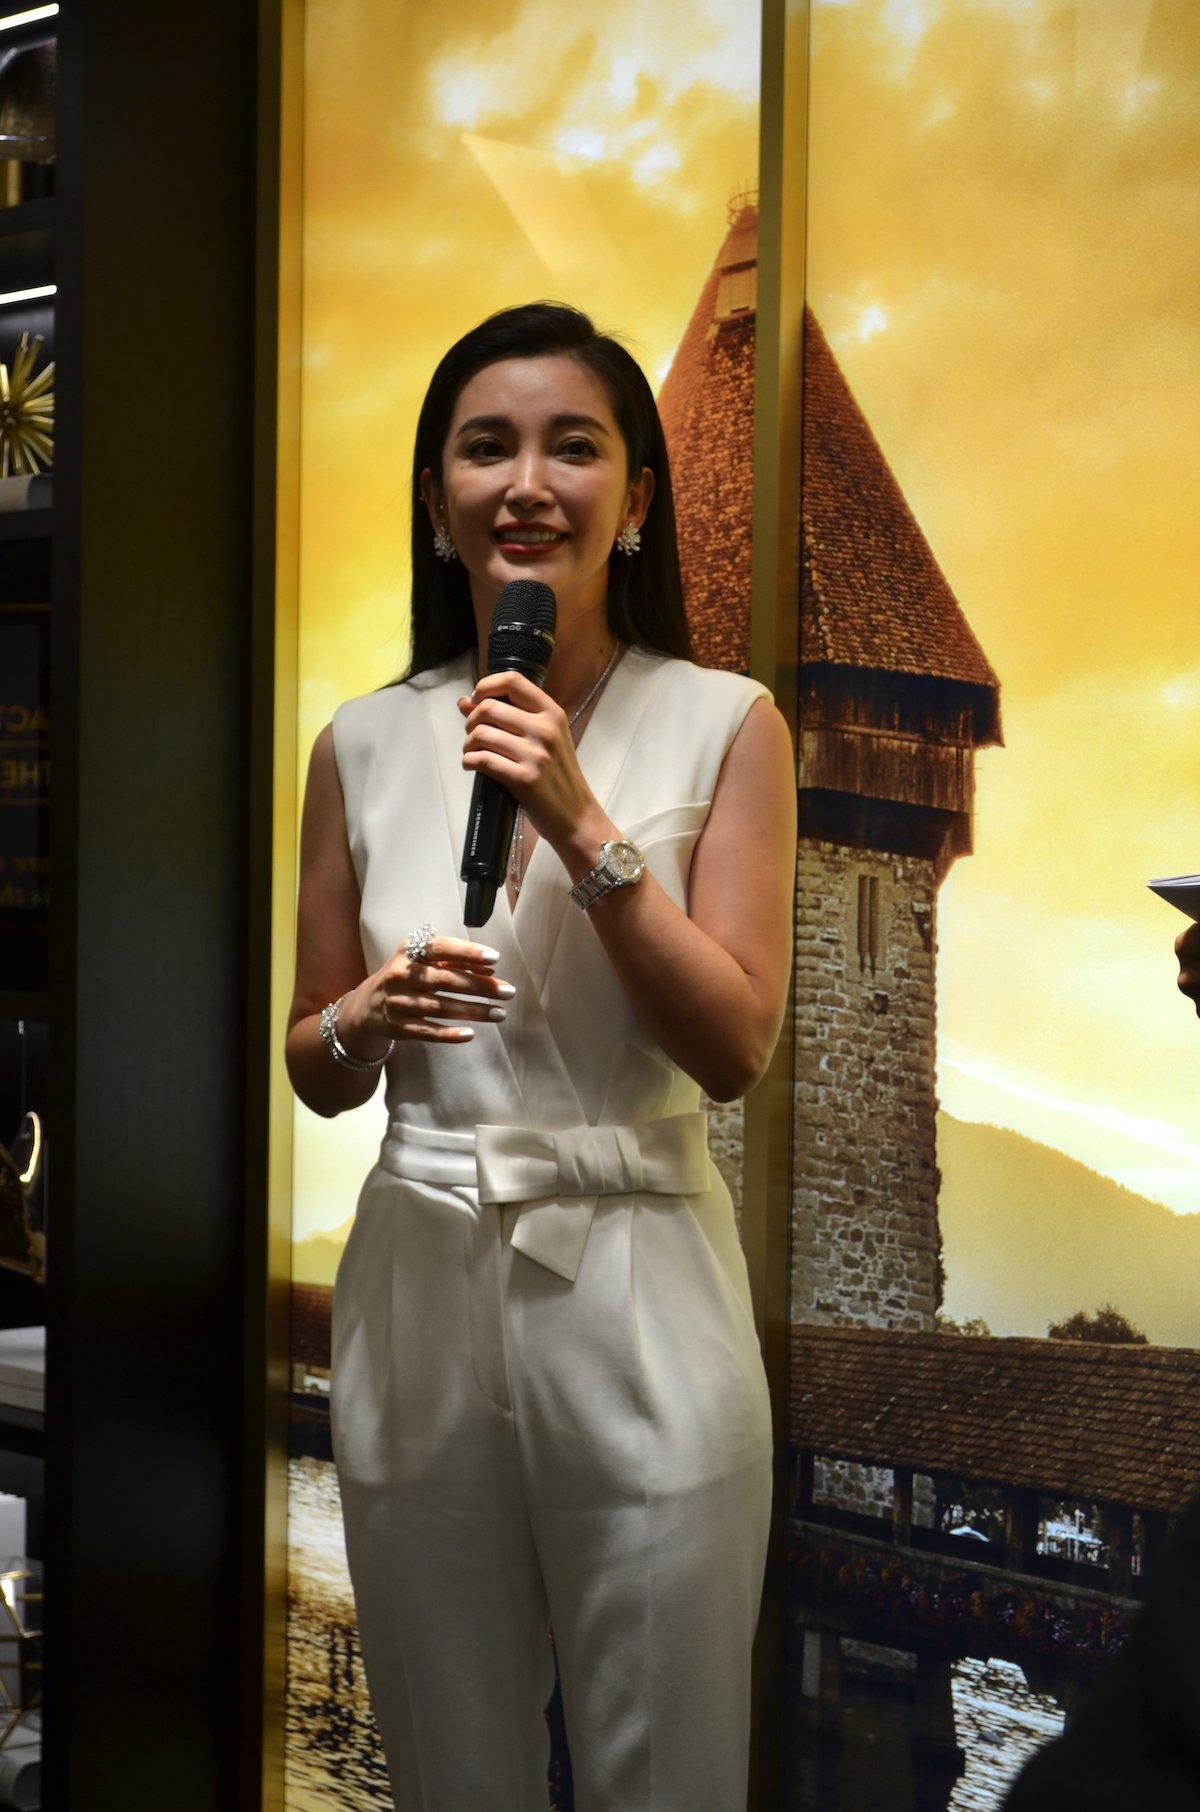 Li Bingbing ist Markenbotschafterin, Sängerin und Schauspielerin - und eine der berühmtesten Chinesinnen.